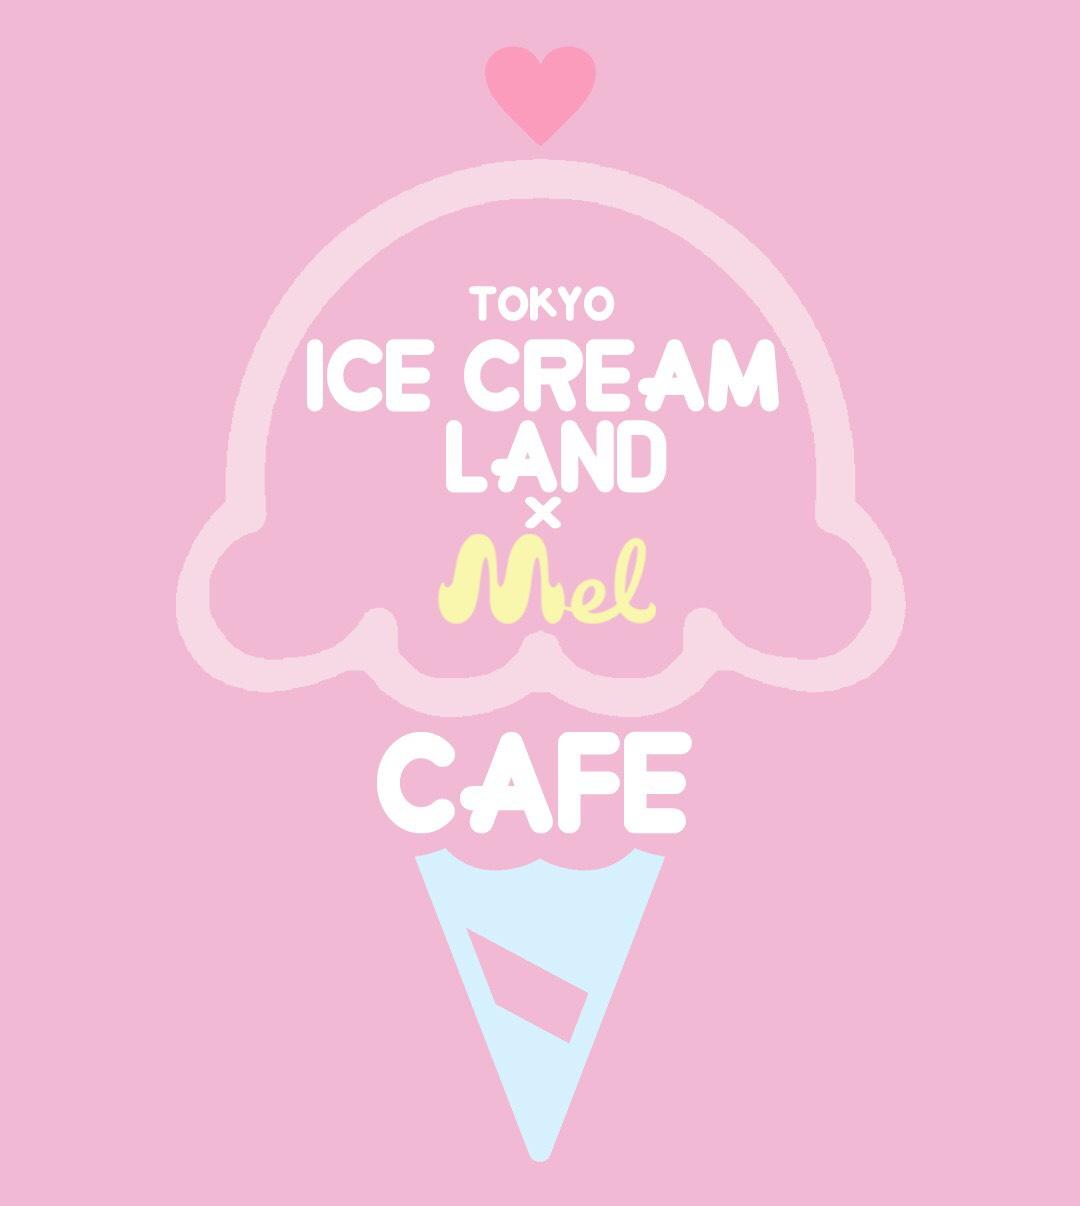 超インスタ映え!TOKYO ICECREAM LAND のカフェが原宿にOPEN